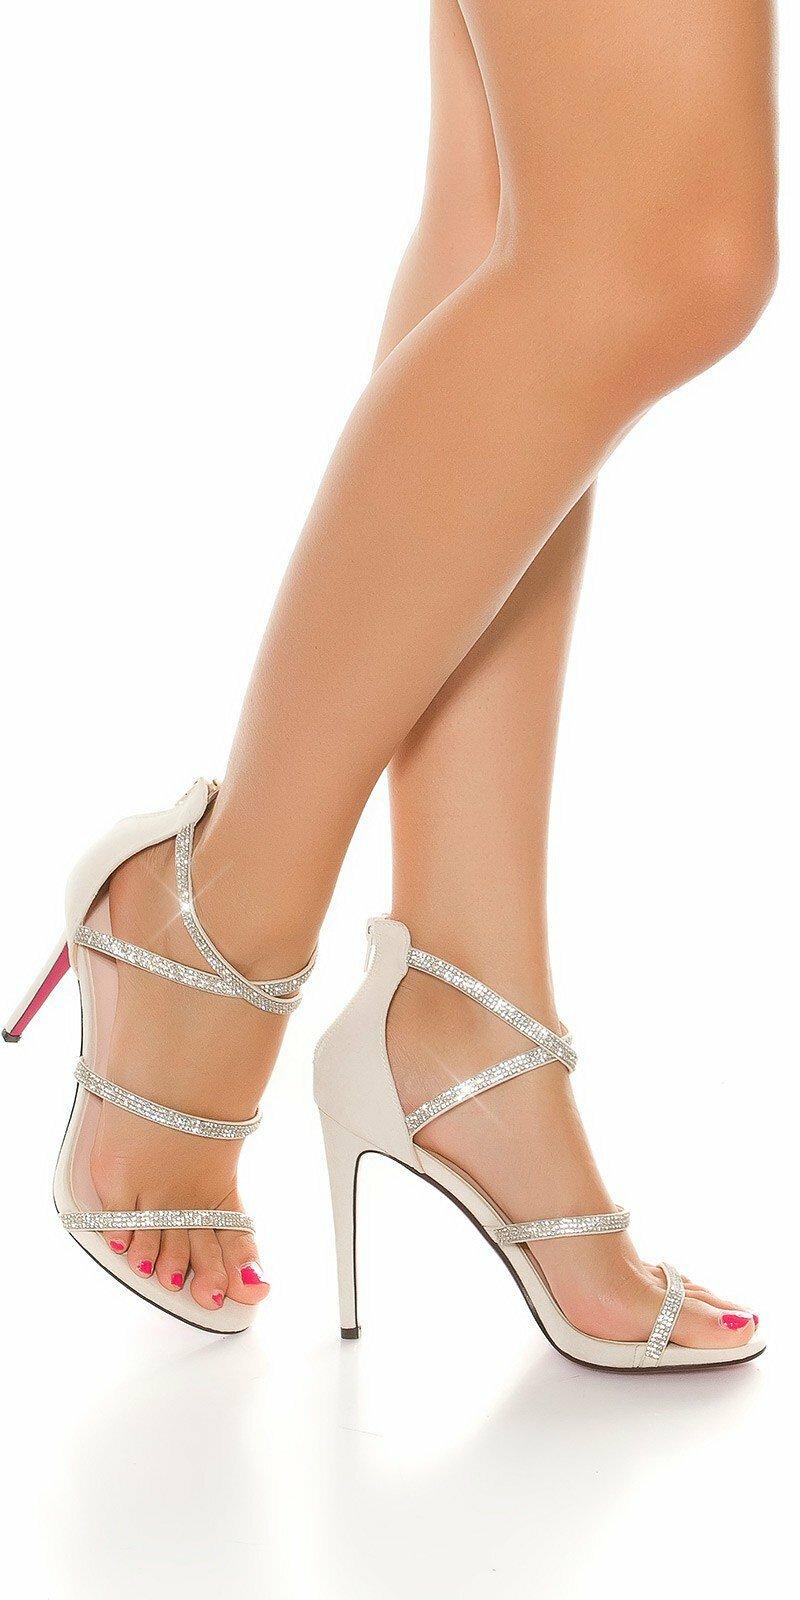 75accd9103c3 Dámske sandále s kamienkami  Velkosť topánok 37 Farba Béžová